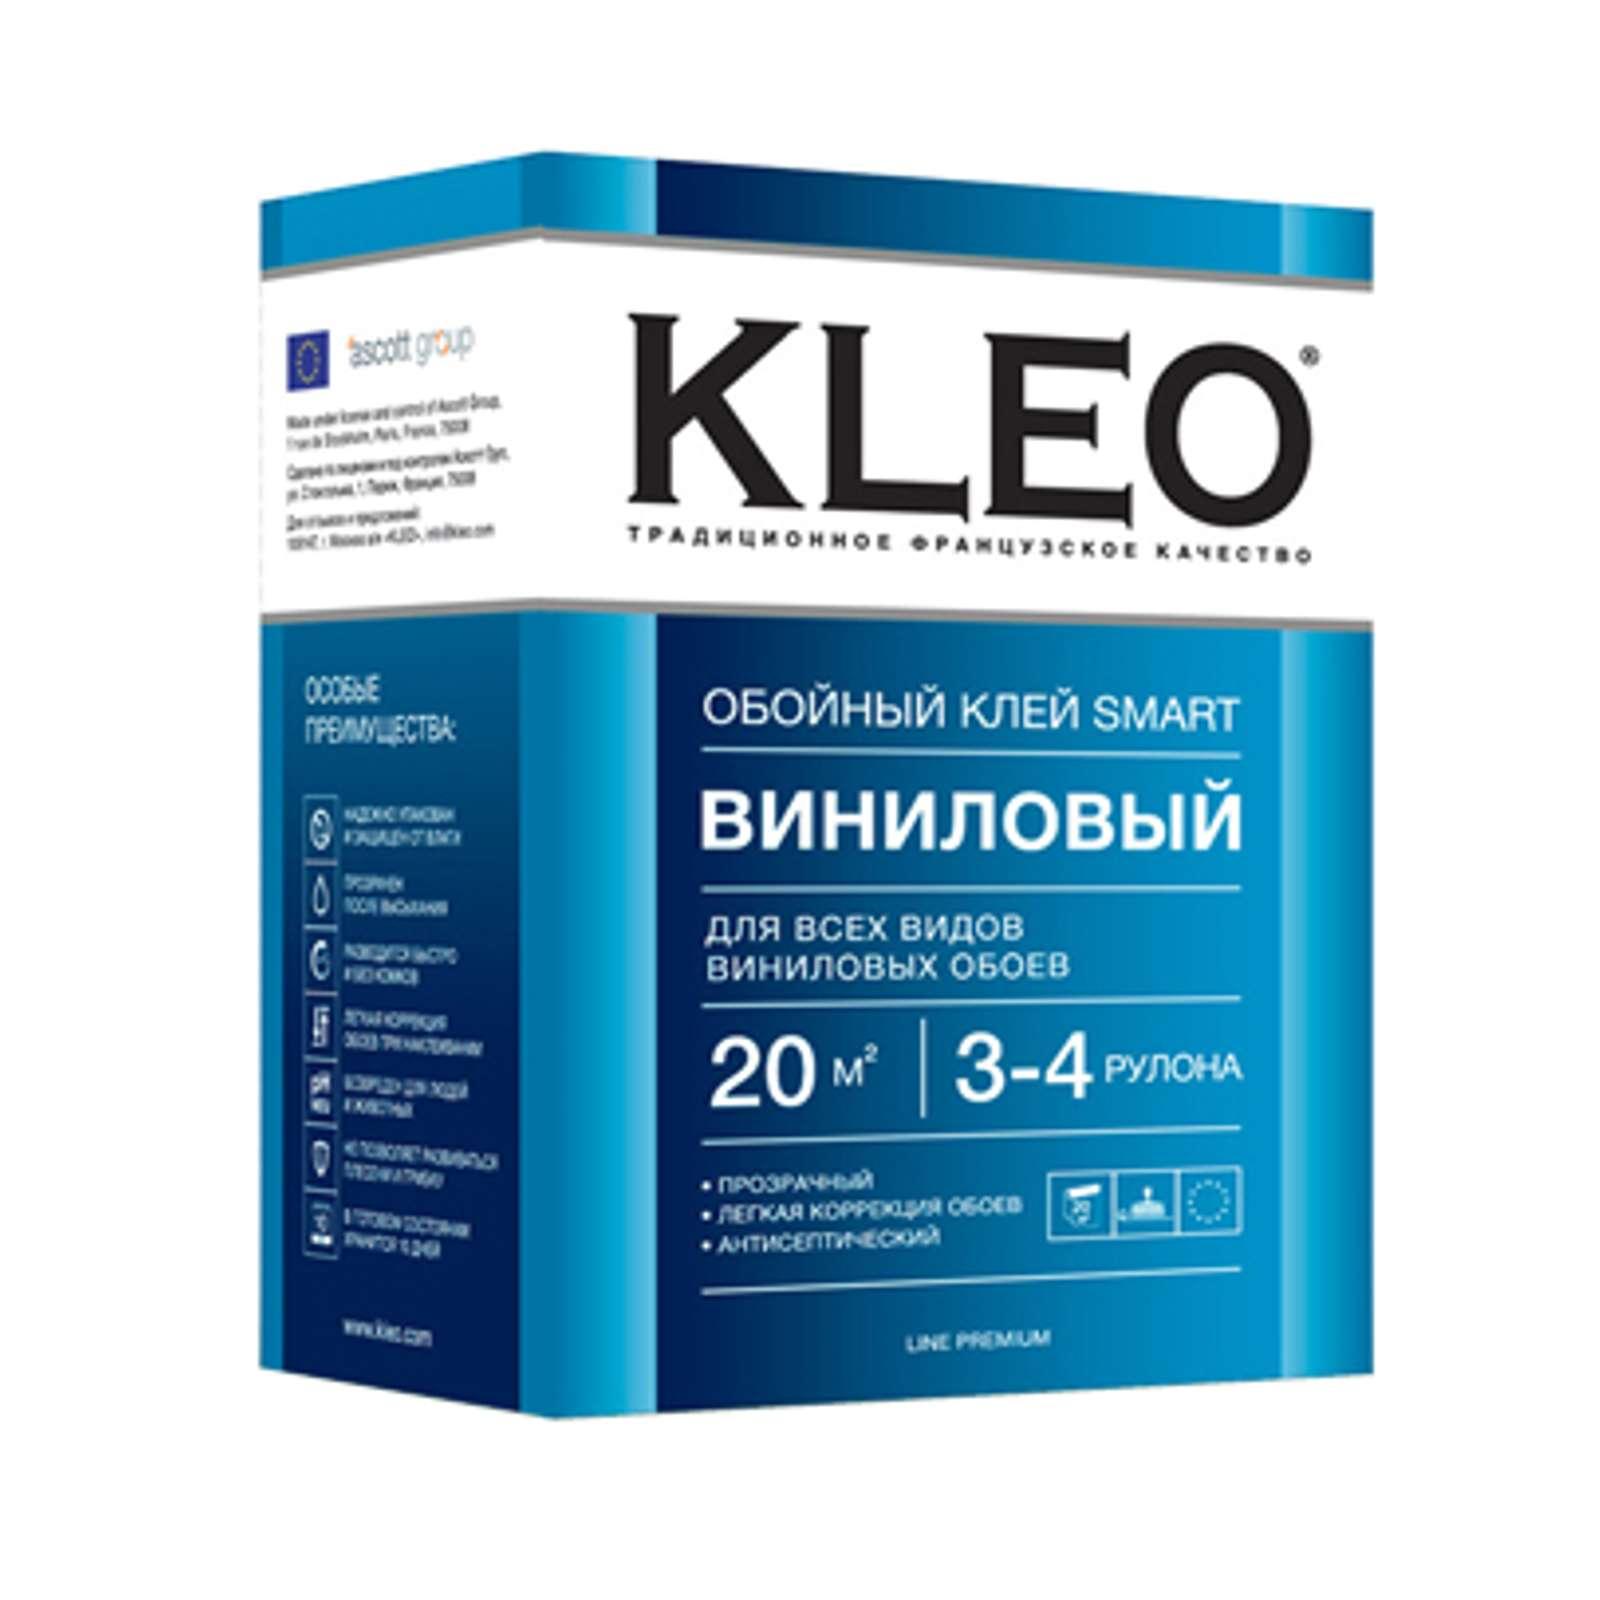 KLEO SMART 3-4, Клей для виниловых обоев